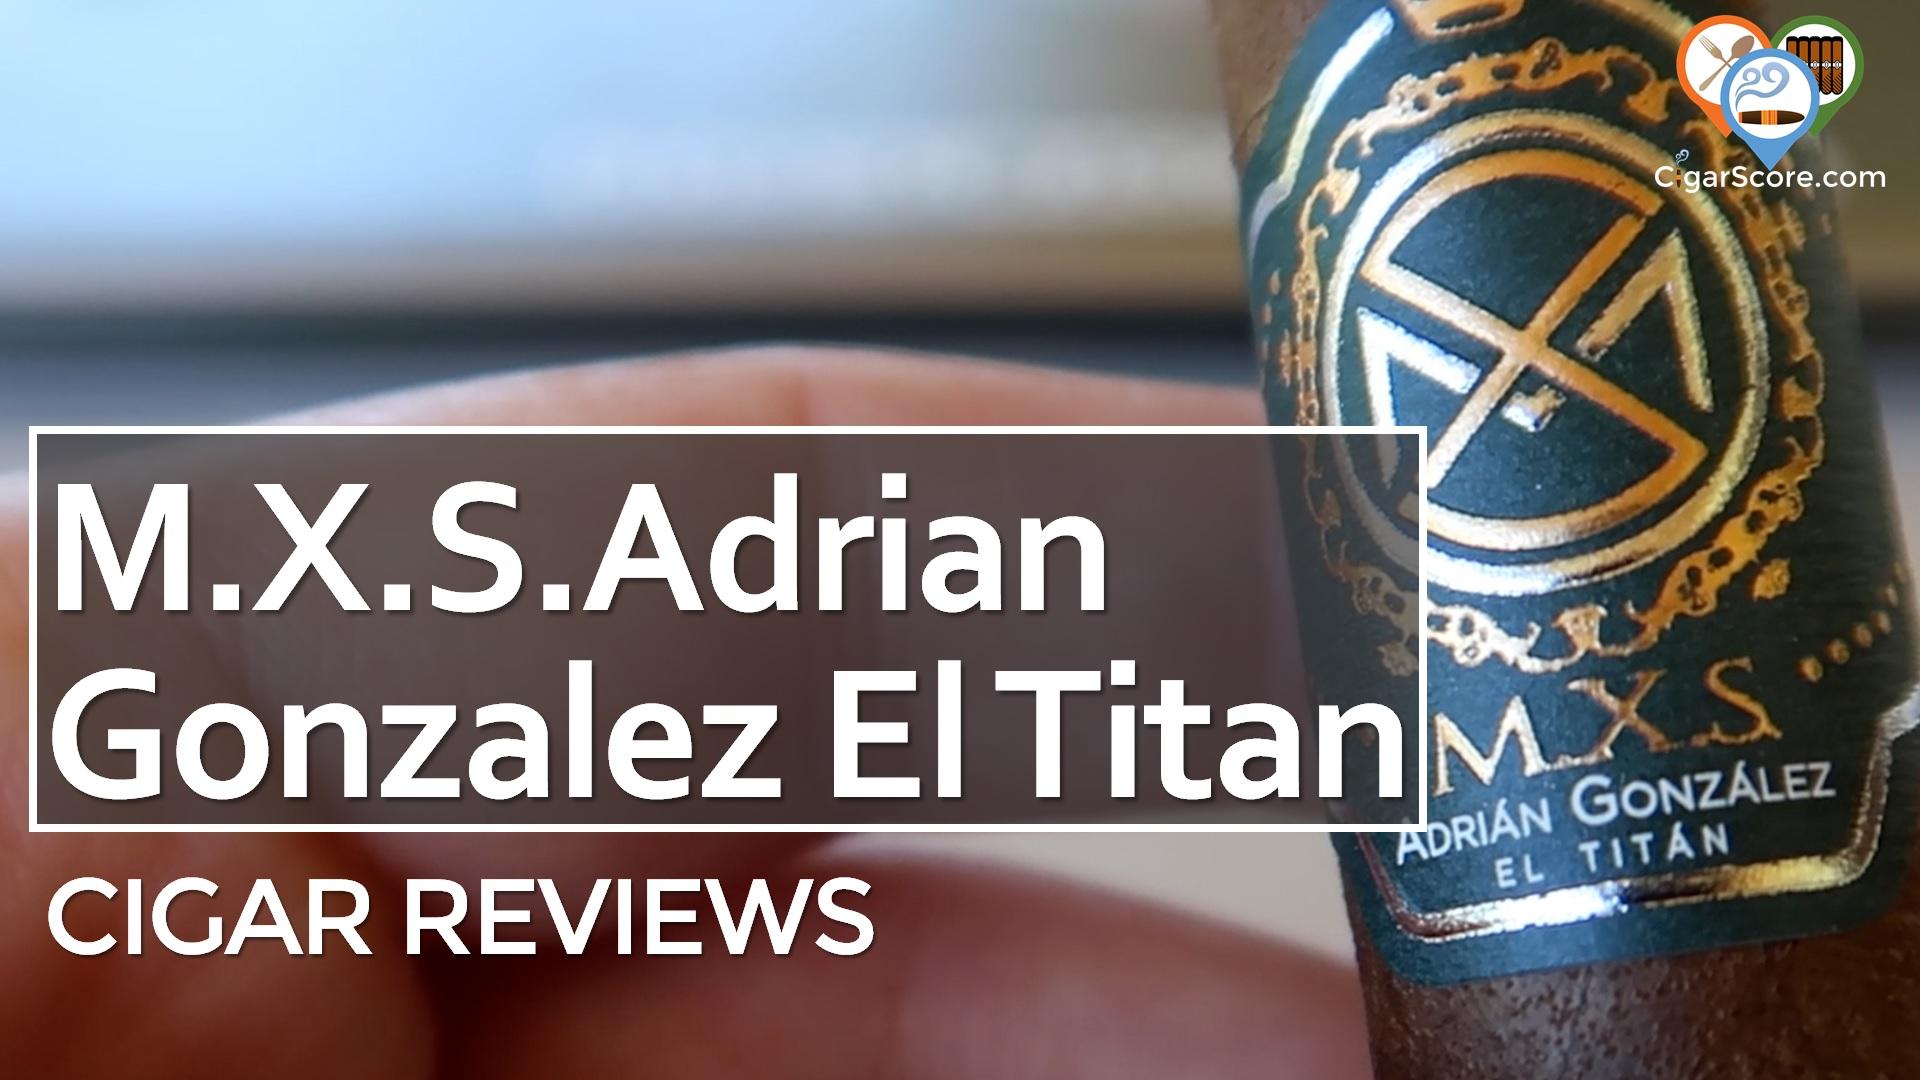 Cigar Review M.X.S. Adrian Gonzalez El Titan Toro